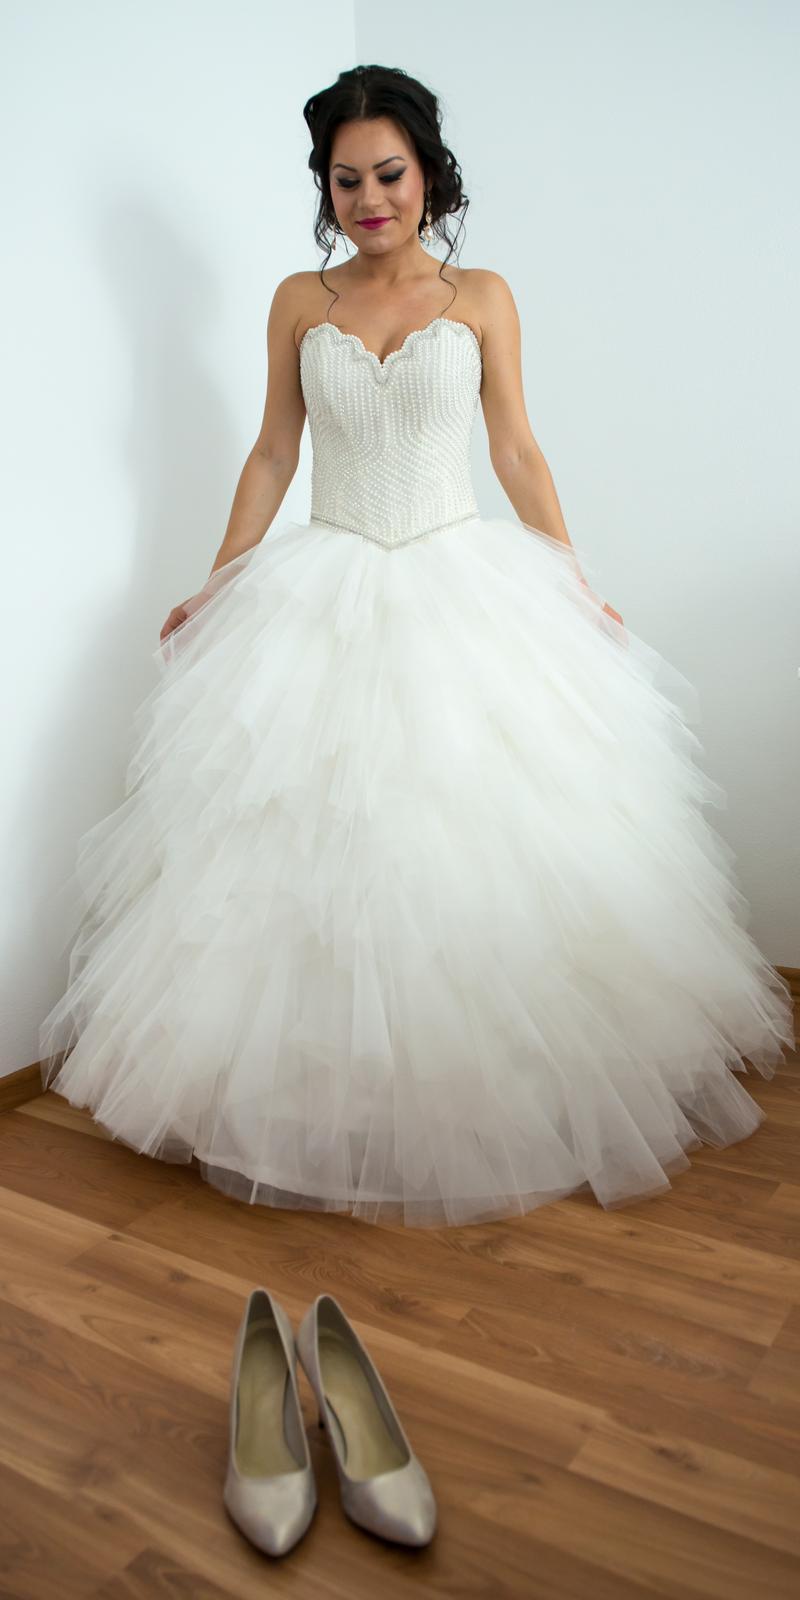 0d05605cfd79 Éterické korzetové svadobné šaty 36-38